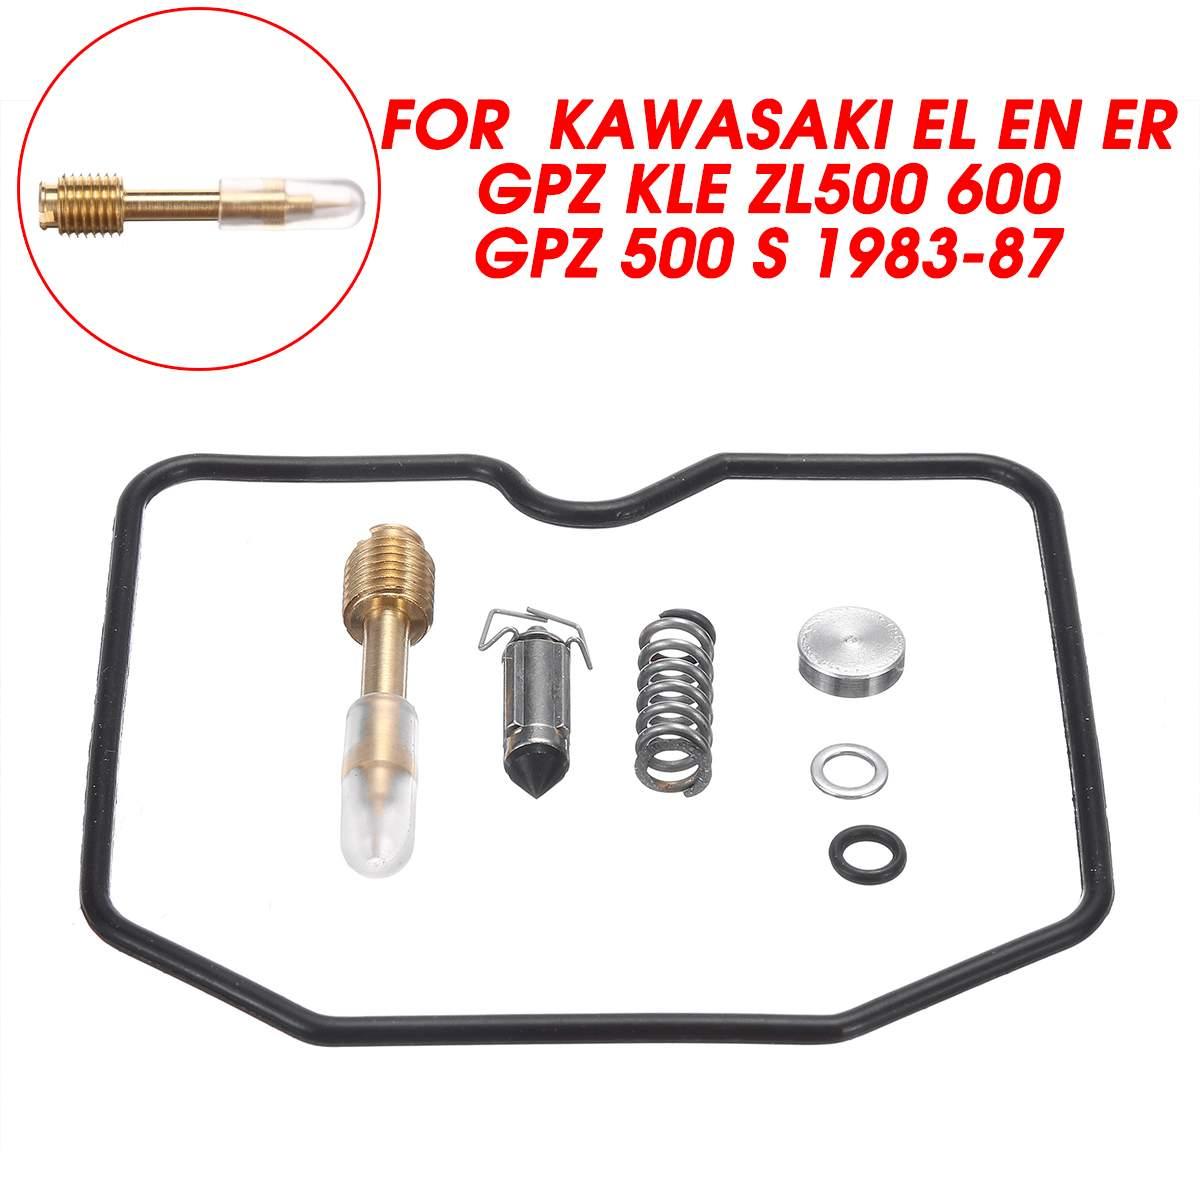 Kit de réparation de carburateur de moto Autoleader pour Kawasaki EL EN ER GPZ KLE ZL 500 600 GPZ 500 S 1983-1987